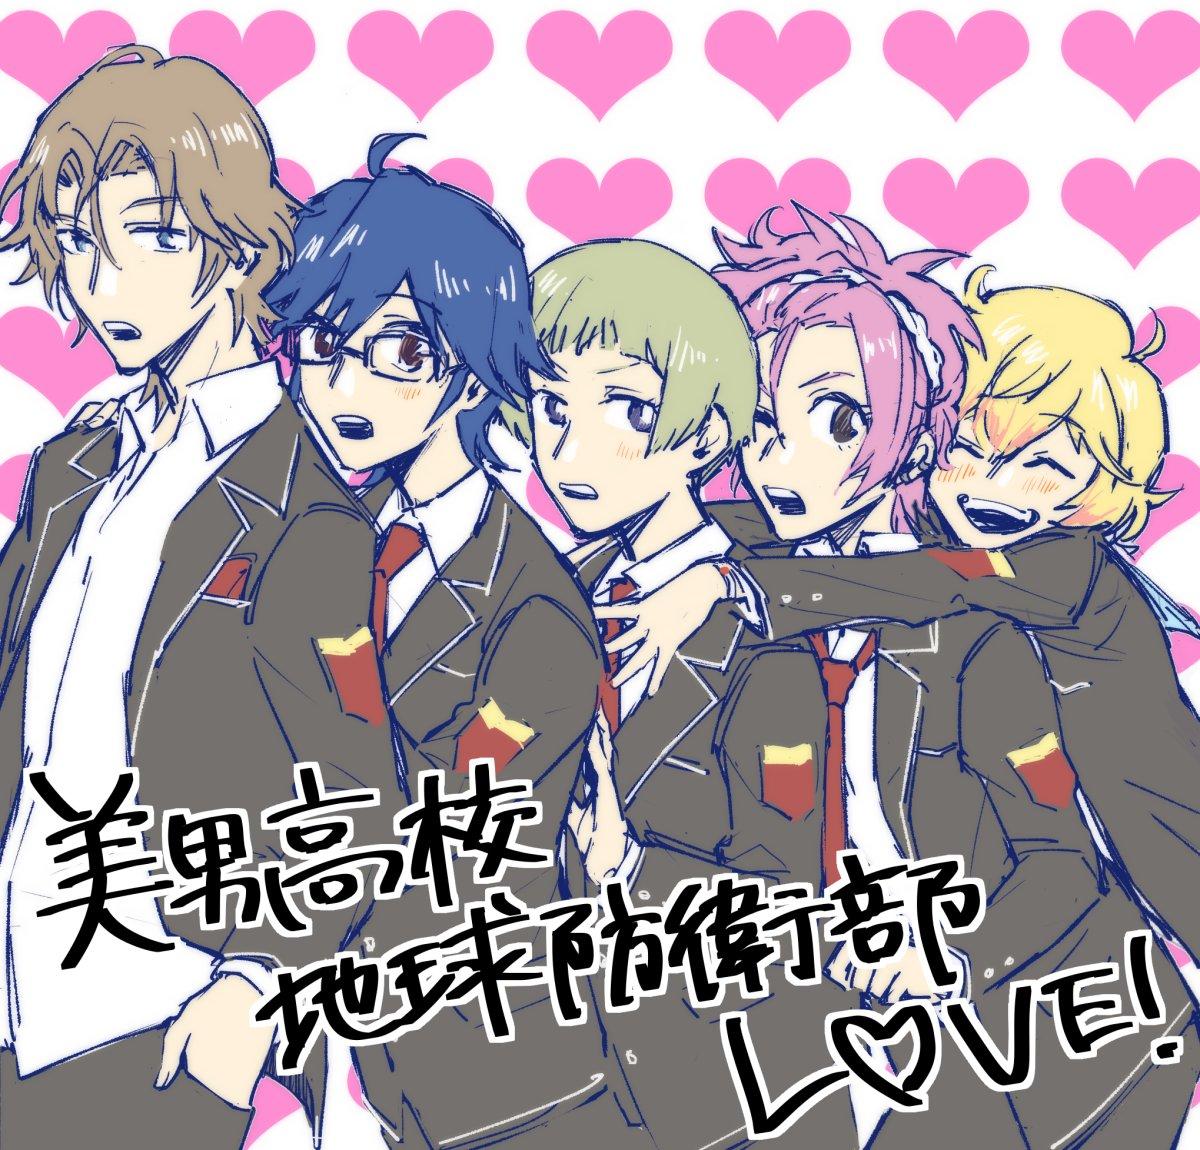 美男高校地球防衛部LOVE!一挙放送お疲れ様でした! OVAも絶対見るよ~~~!